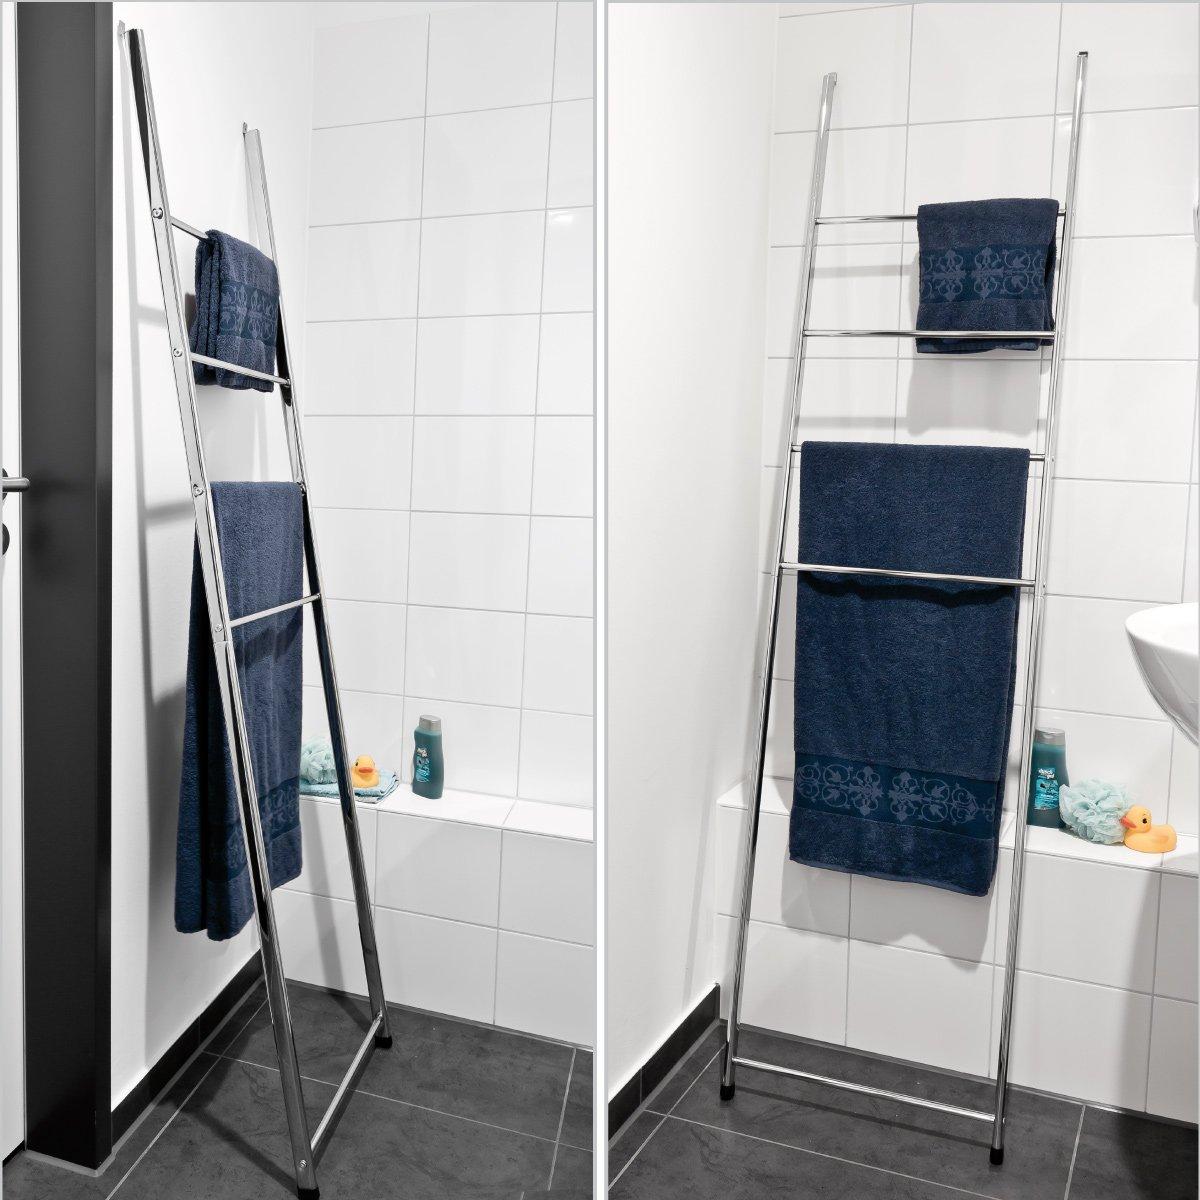 bremermann® Échelle pour serviettes, support pour serviettes avec ... - Porte Serviette Salle De Bain Design